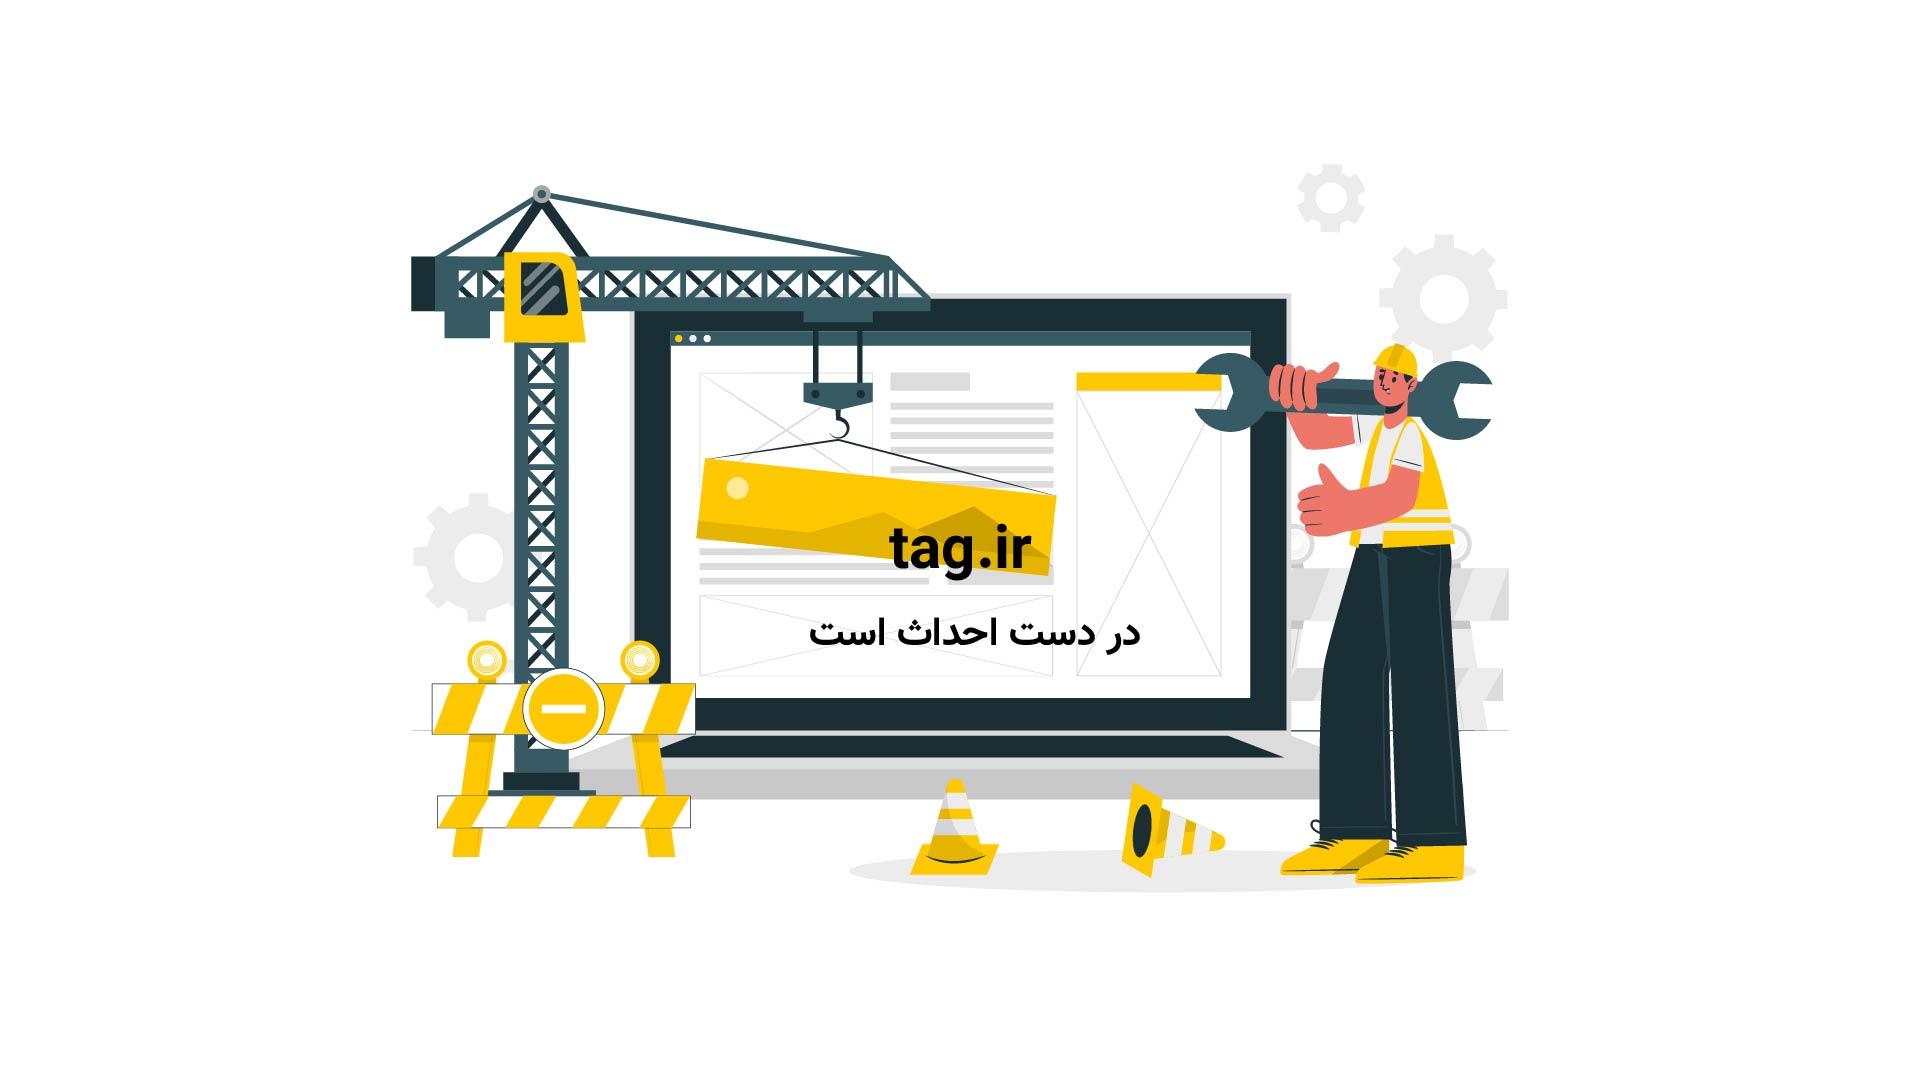 سلام بر حسین اربعین حاج محمود کریمی | تگ